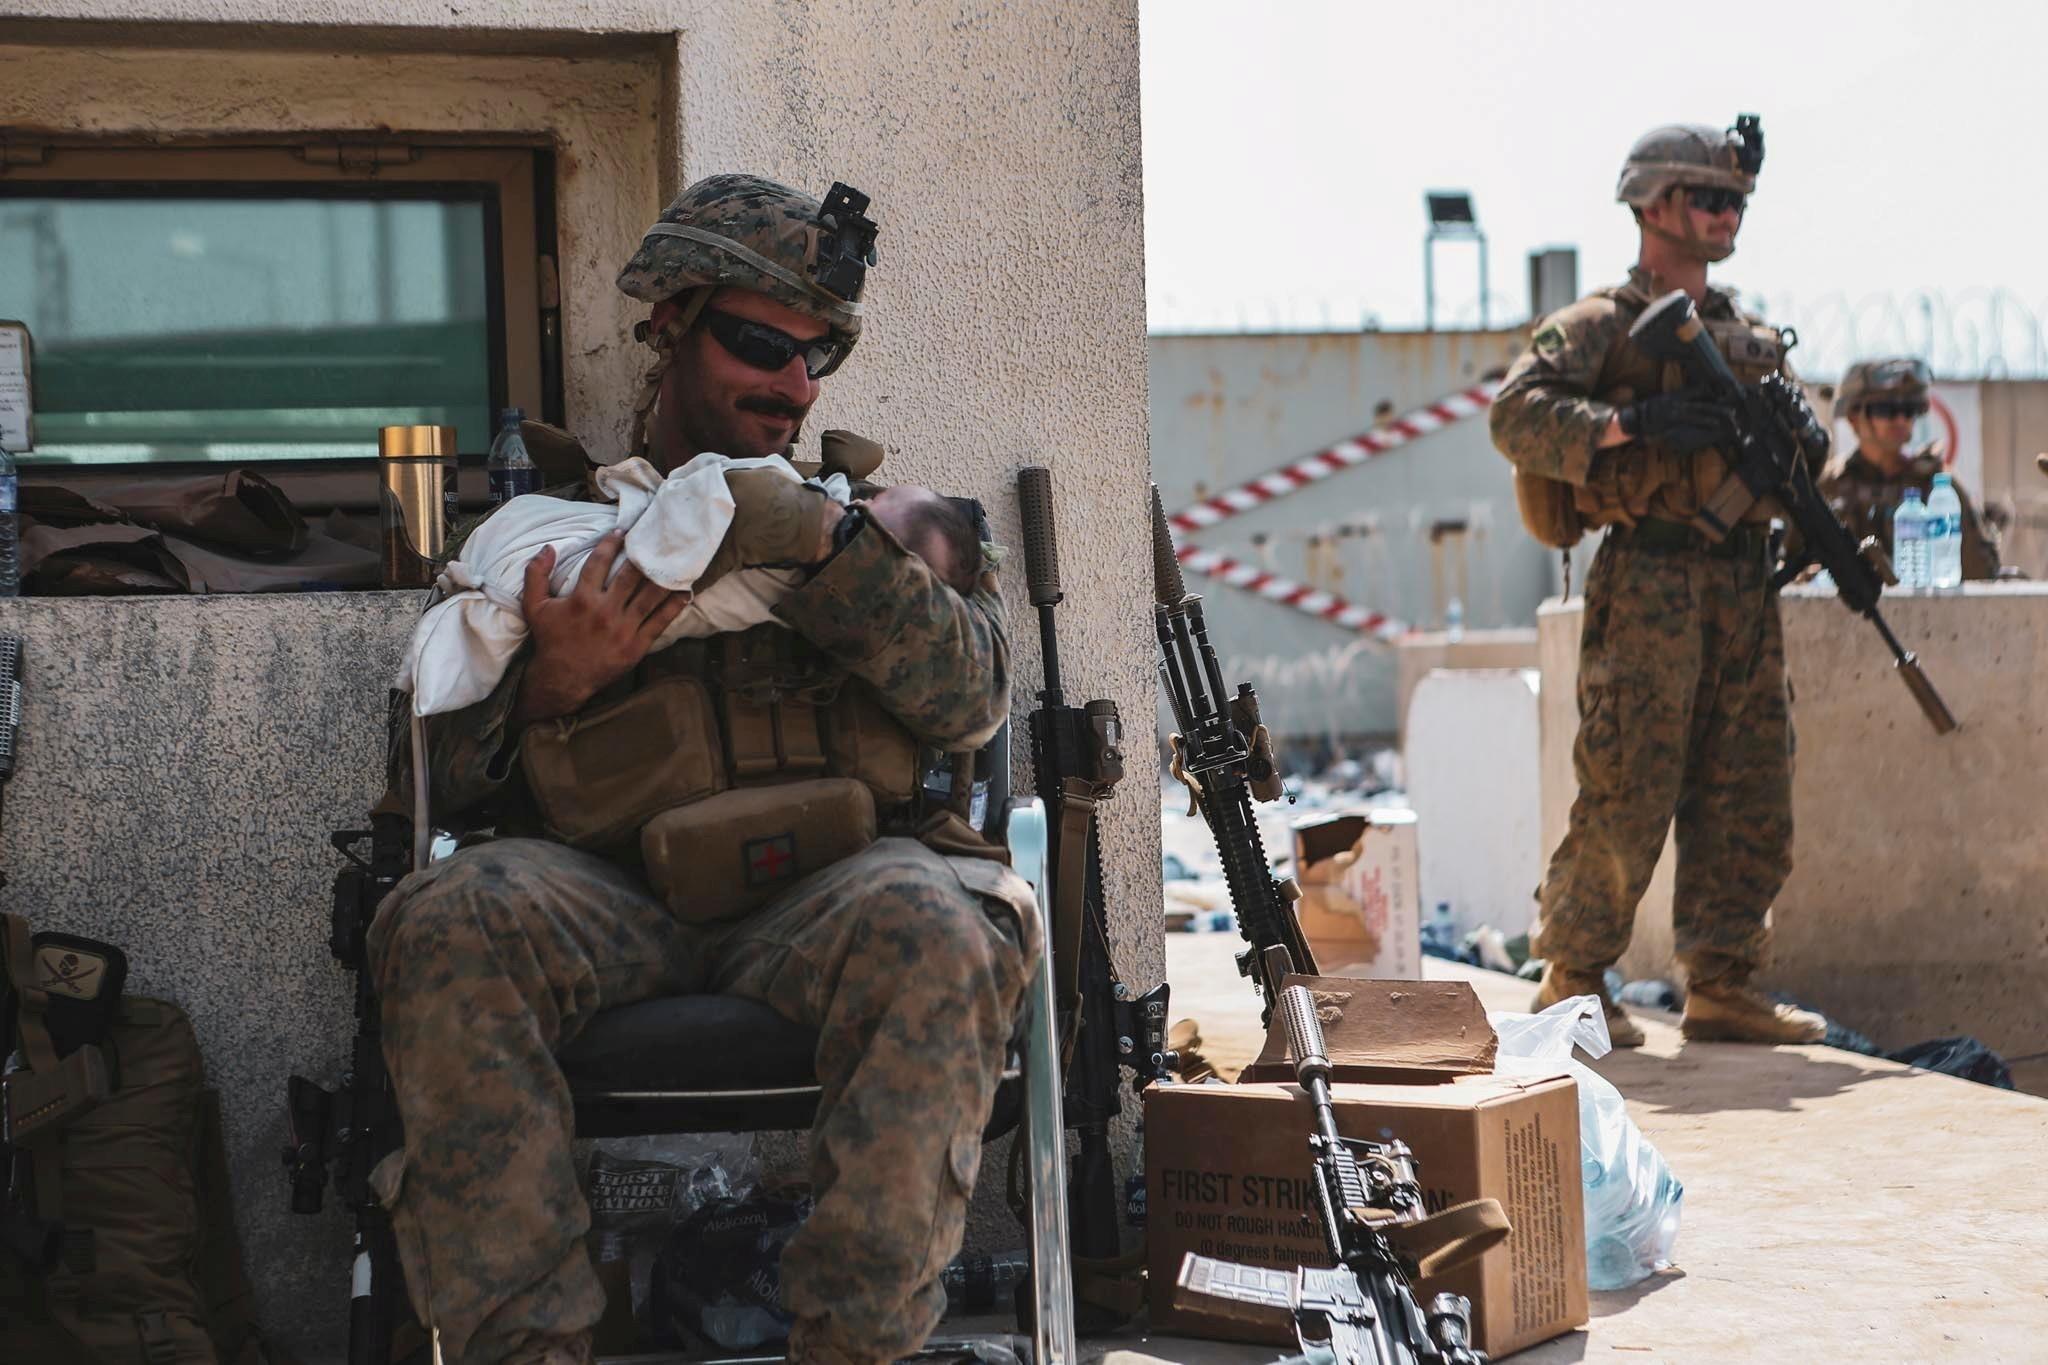 Αφγανιστάν: Ο στρατιώτης με το μωρό αγκαλιά – Οι φωτογραφίες που έγιναν viral